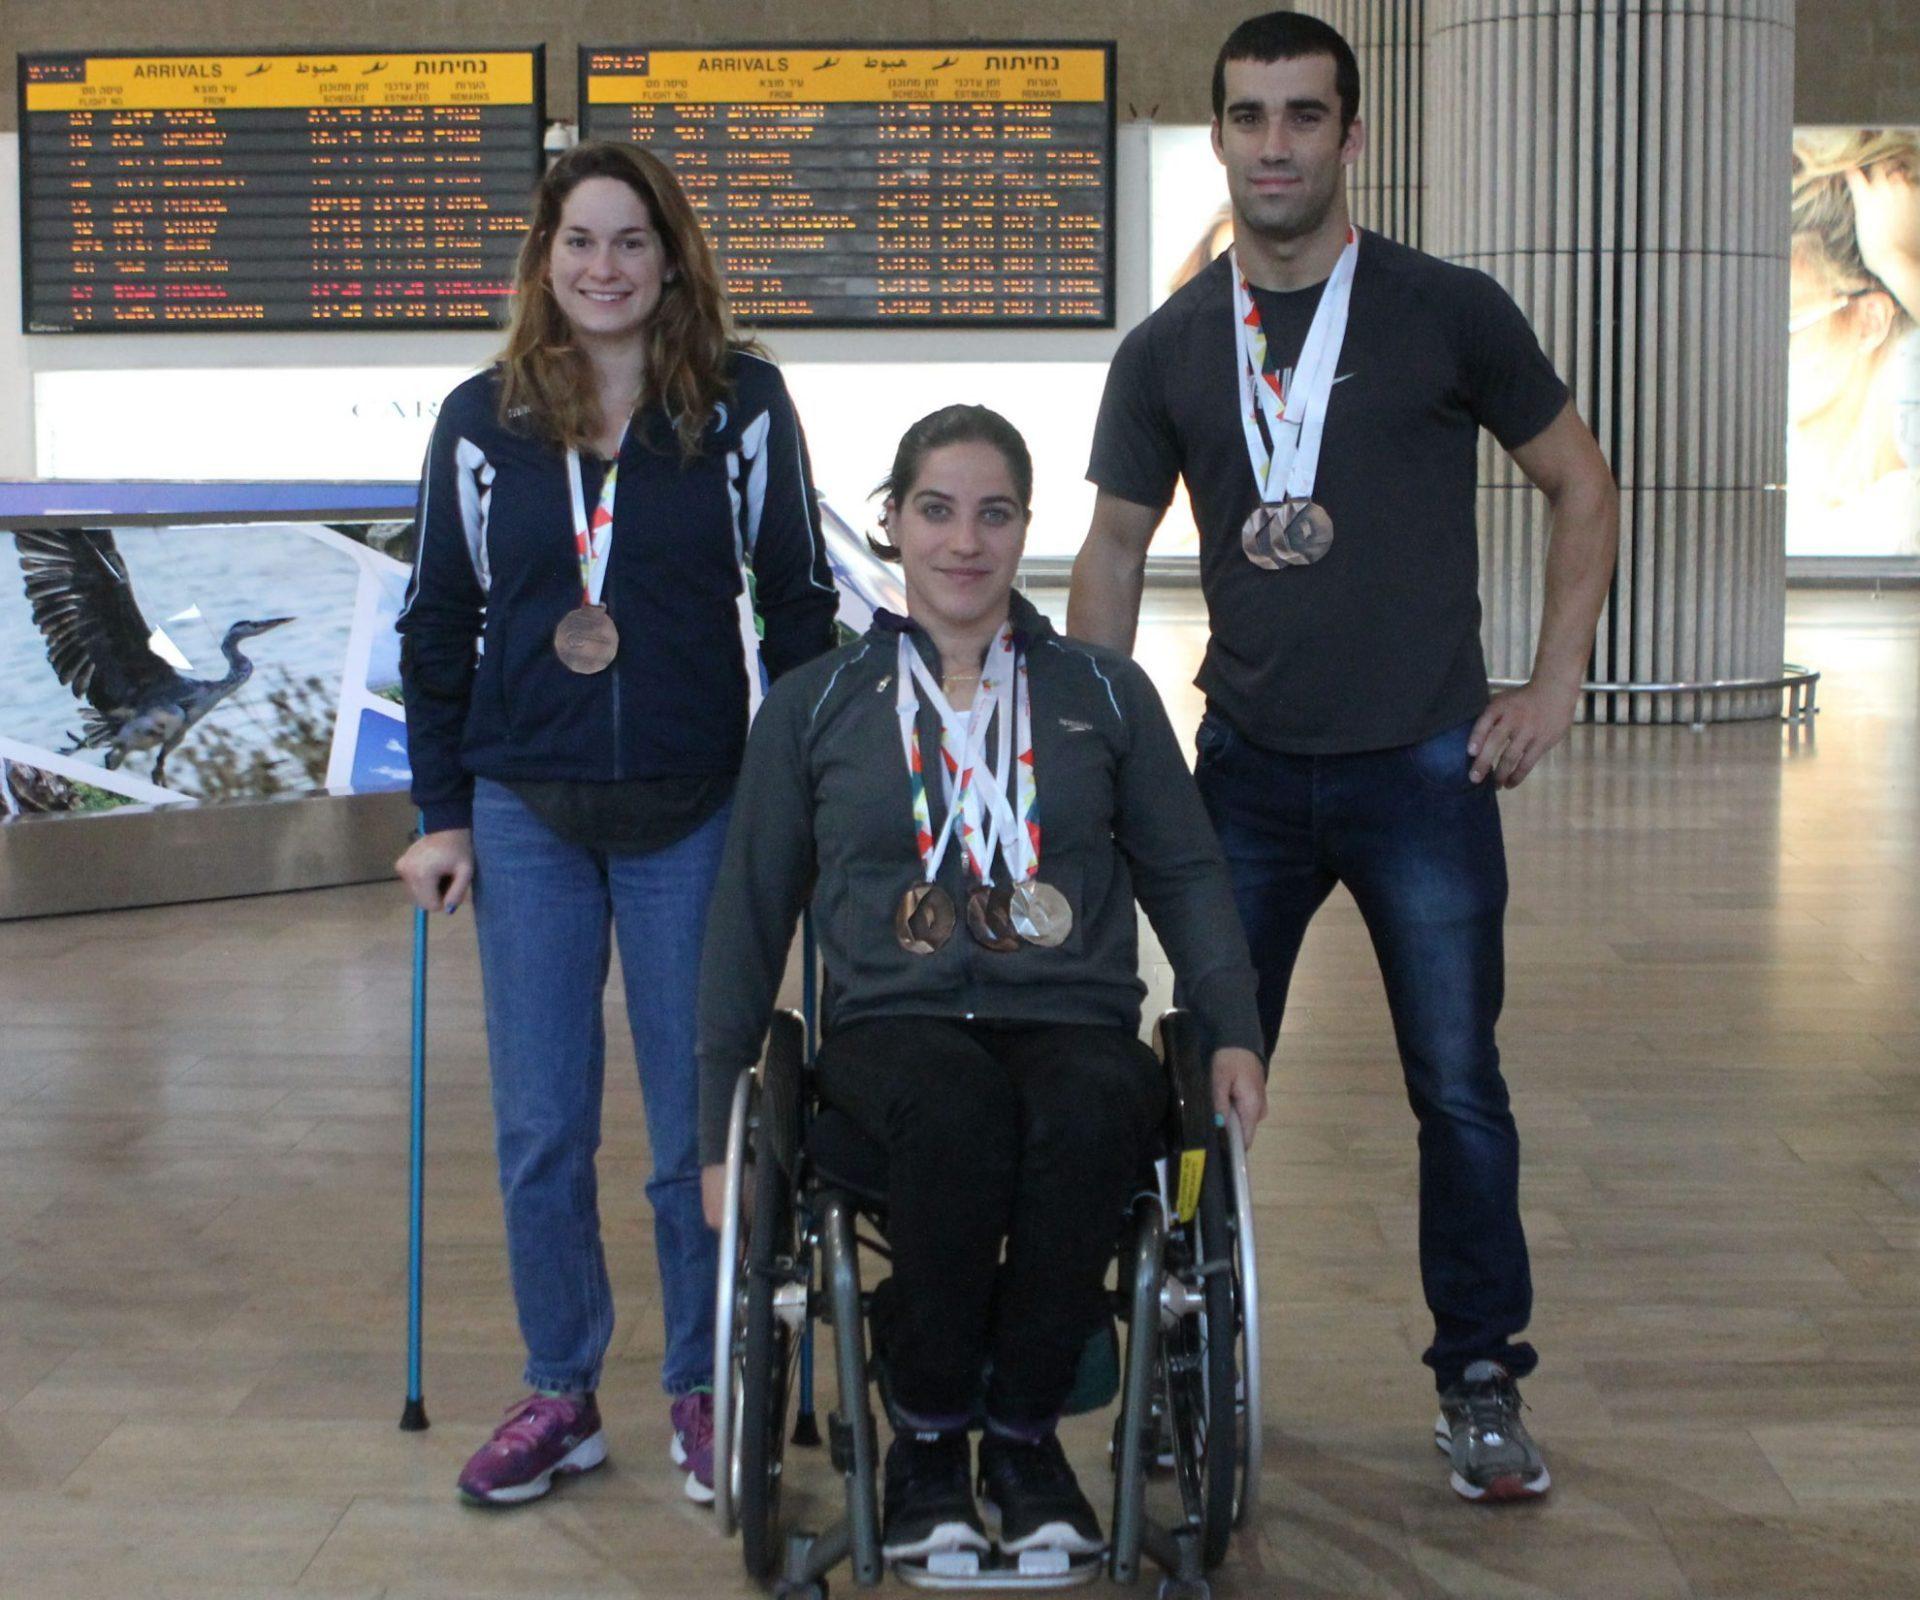 אראל הלוי ויואב ולינסקי זוכים במדליות ארד, ענבל פיזרו זוכה במדליות ארד ומדליית כסף באליפות אירופה 2016